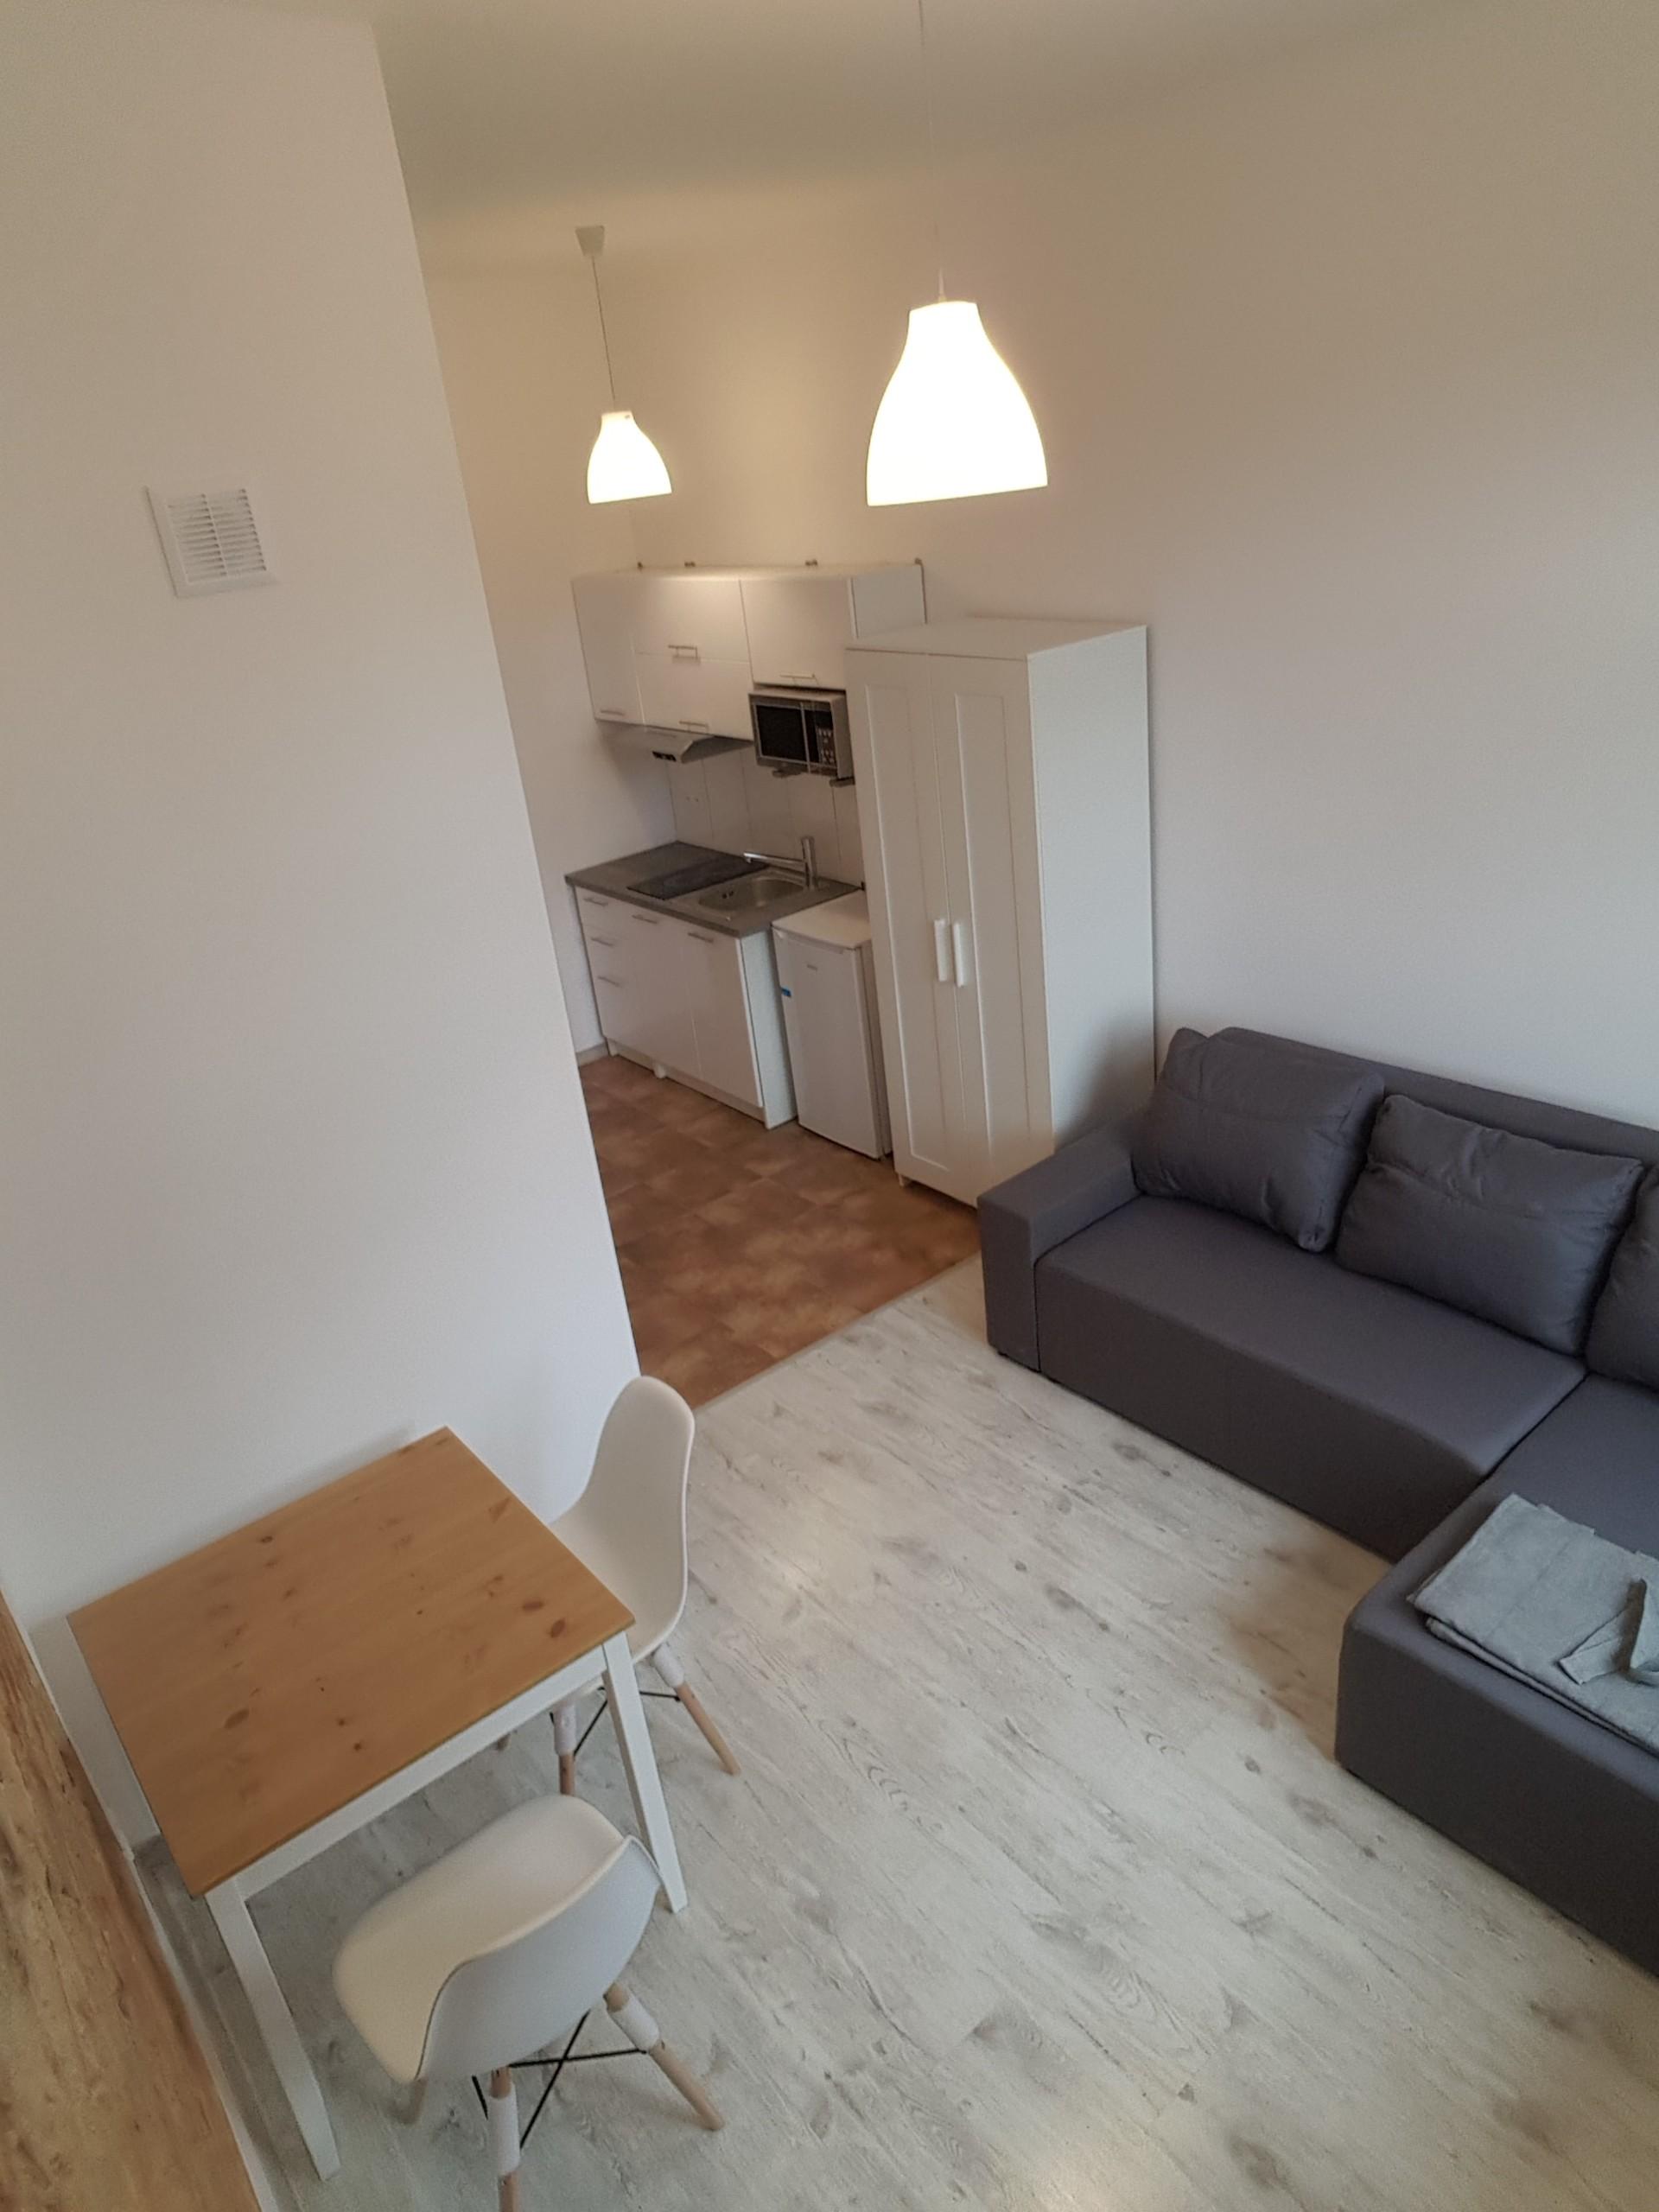 1 bed apartment at Jana i Jędrzeja Śniadeckich 42, 60-773 ...